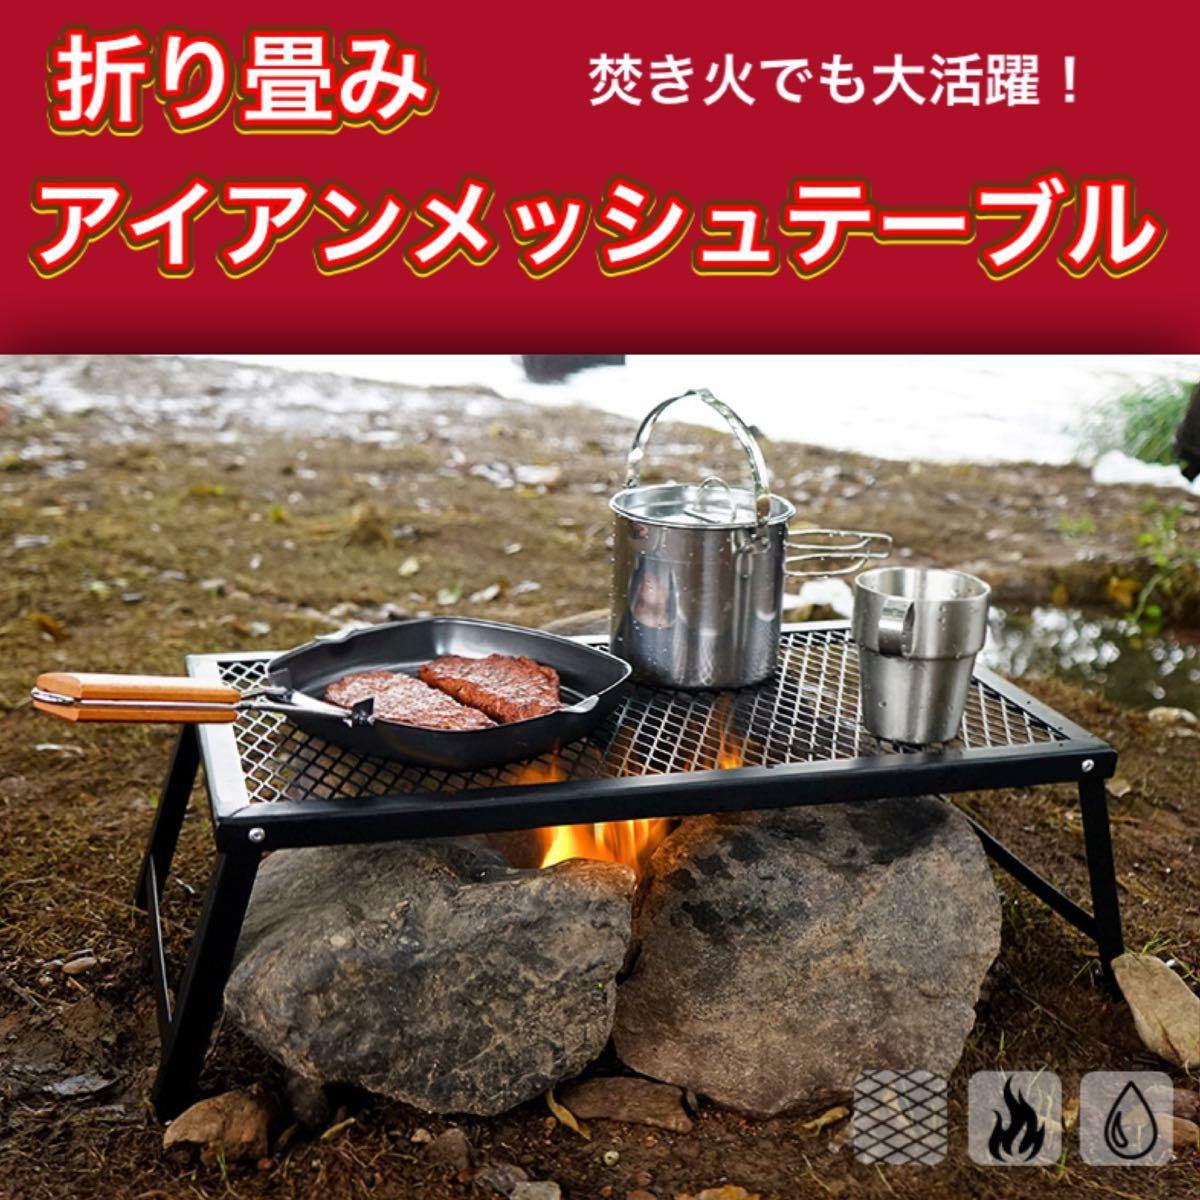 焚き火テーブルゴトクごとく折り畳みテーブル折りたたみテーブルキャンプ用品